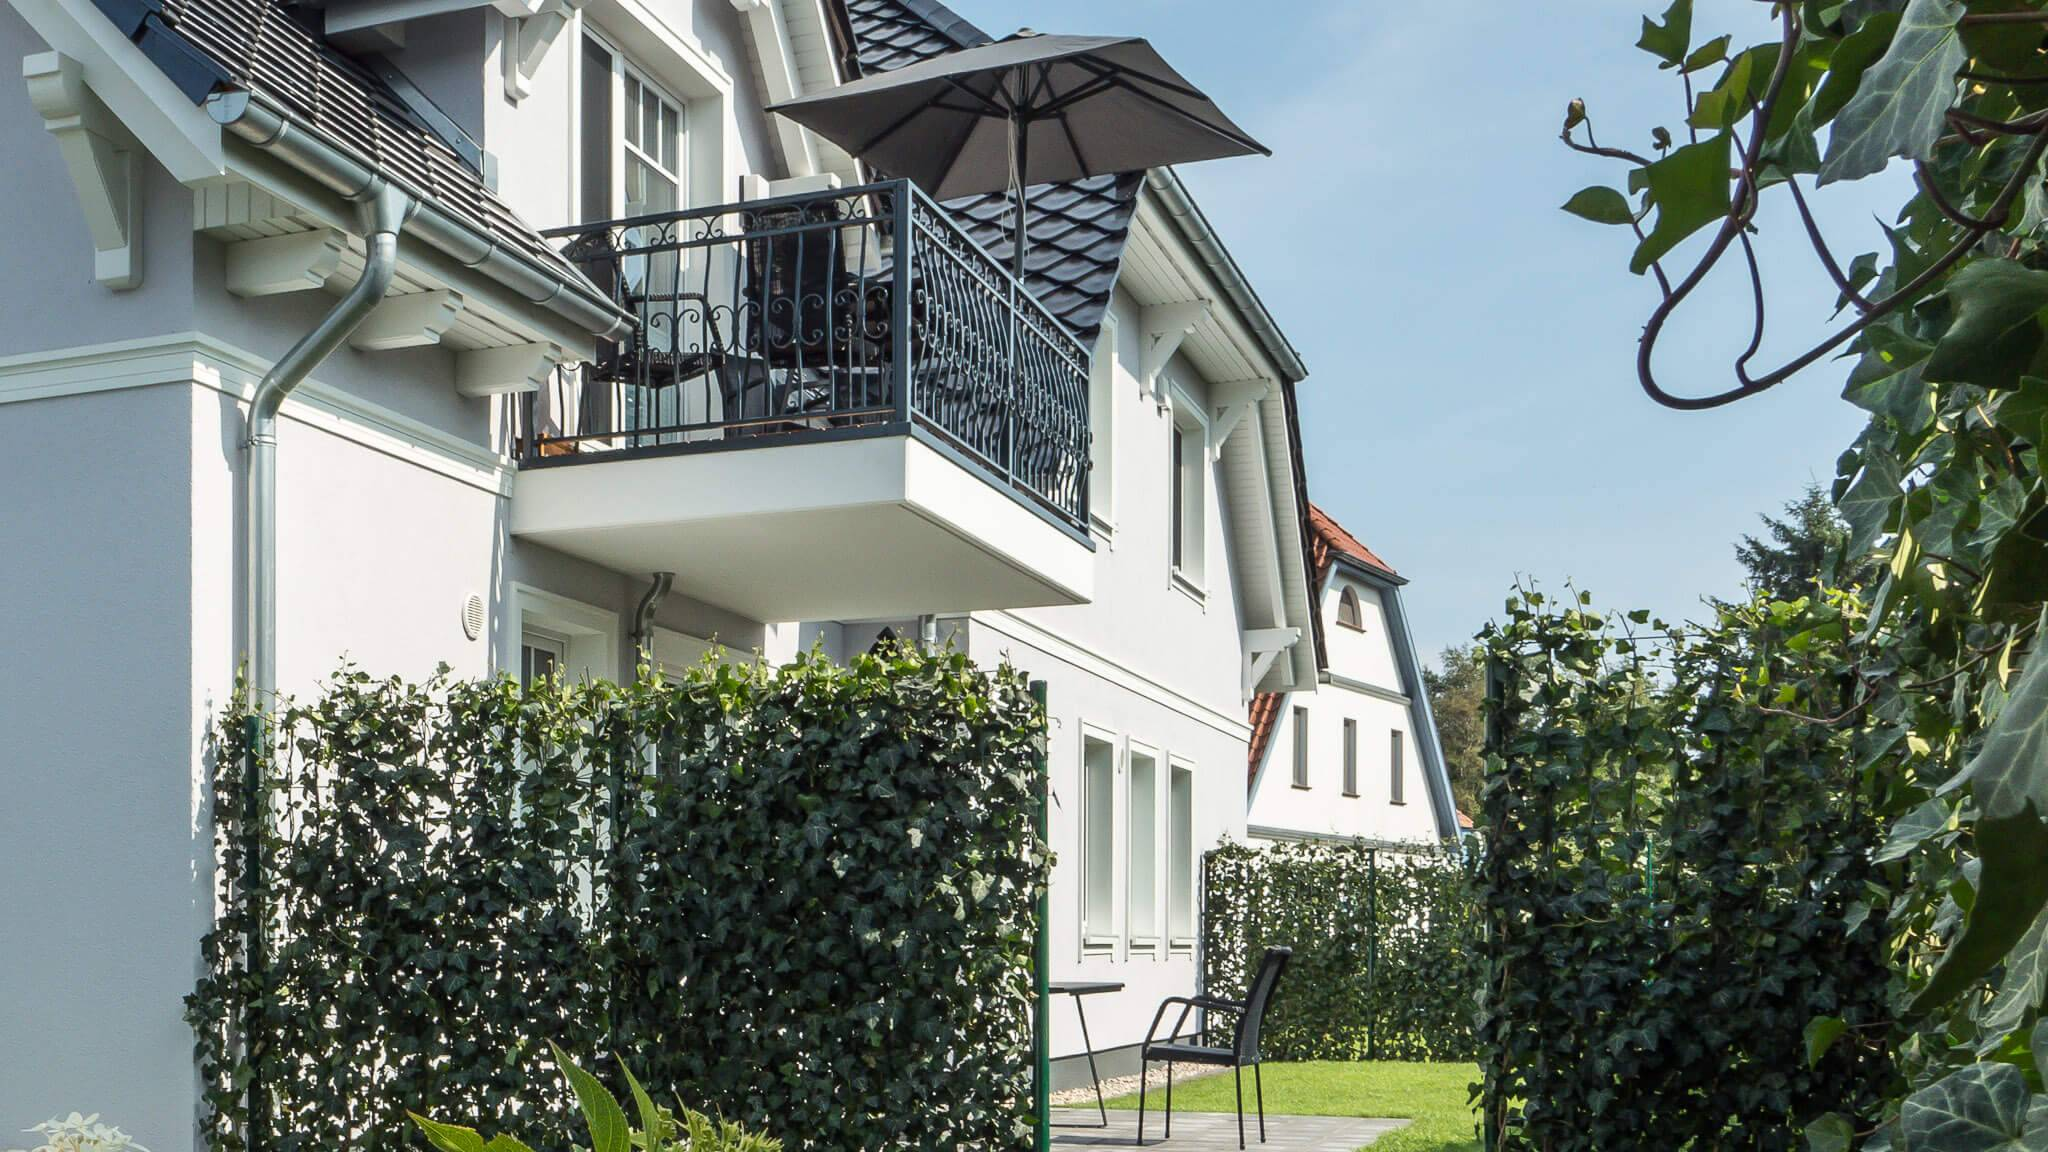 Ferienhaus meerle - Garten